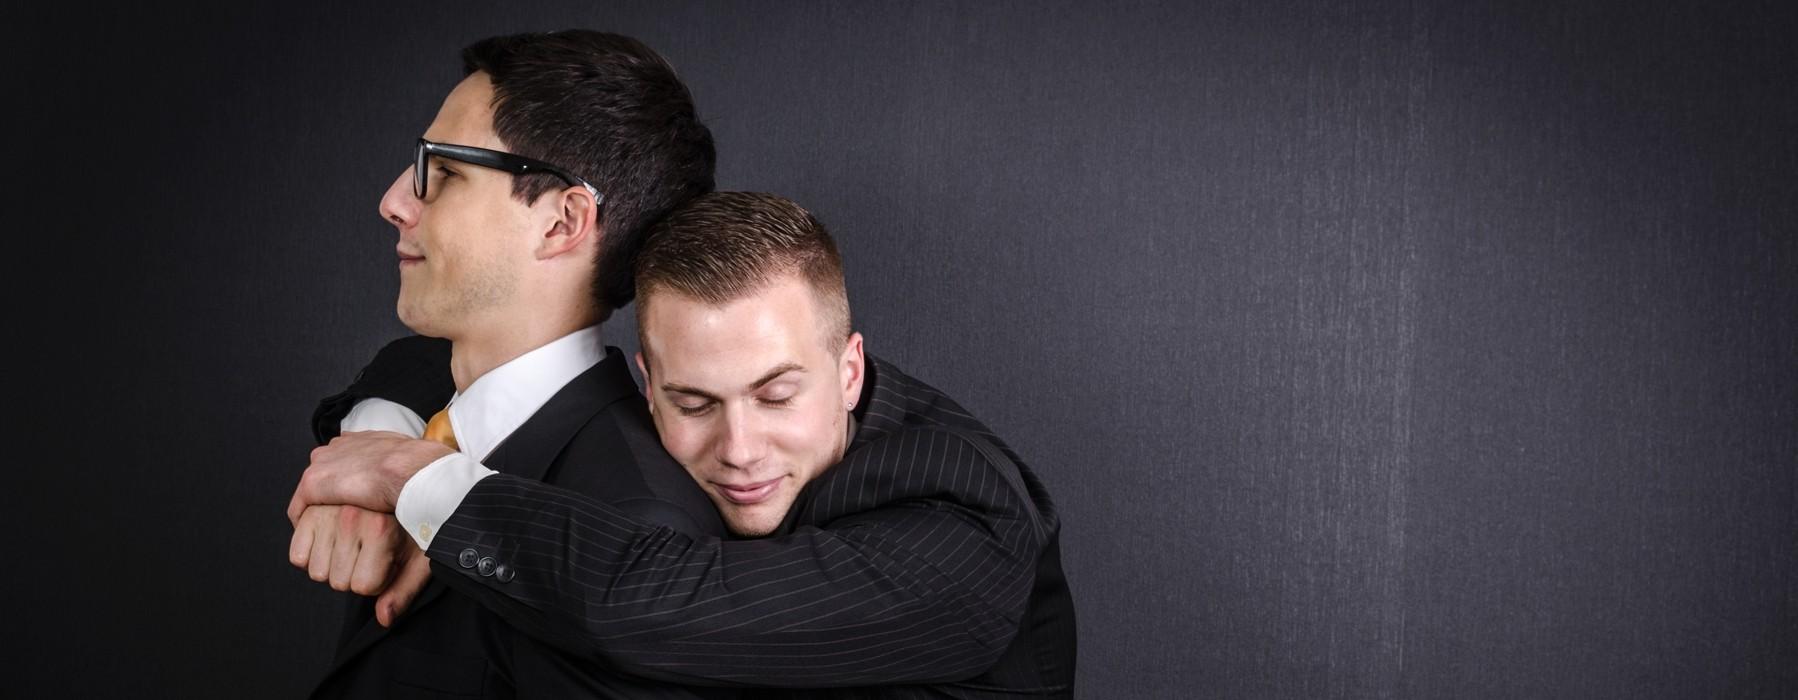 Effektive Kundenbindung ist Ihr Thema?